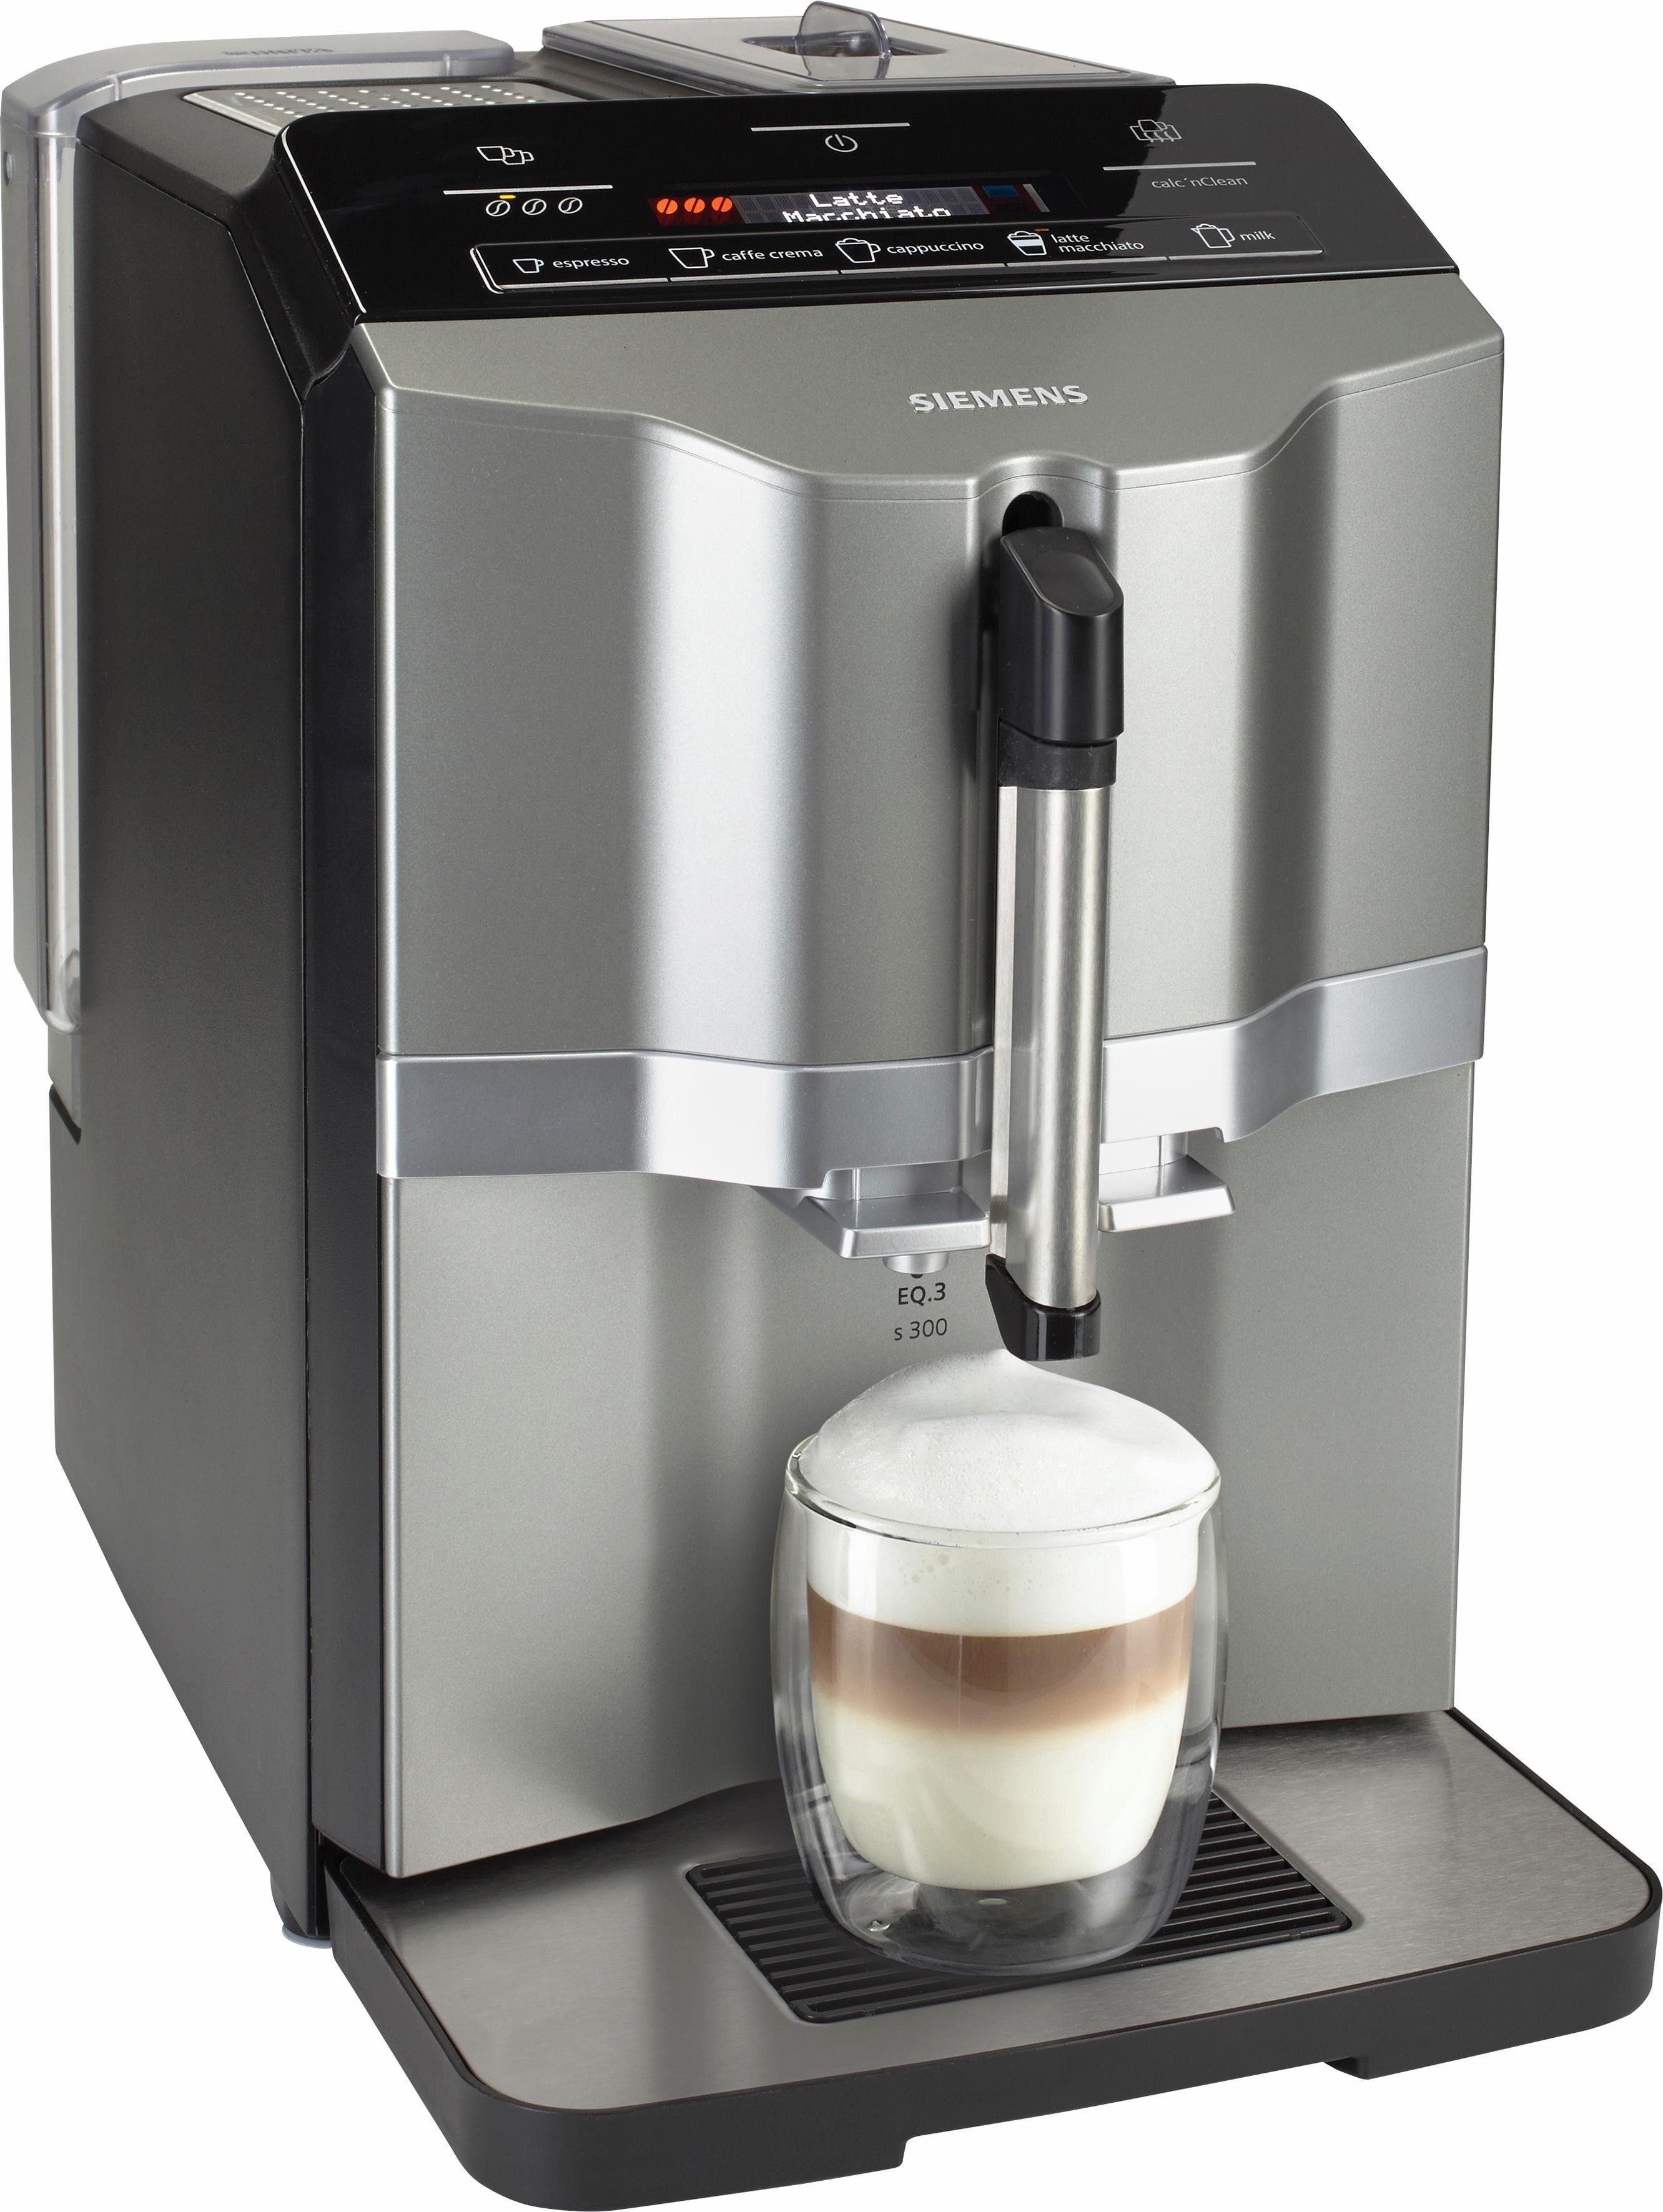 SIEMENS Kaffeevollautomat EQ.3 s300 TI303503DE, schnelle Aufheizzeit